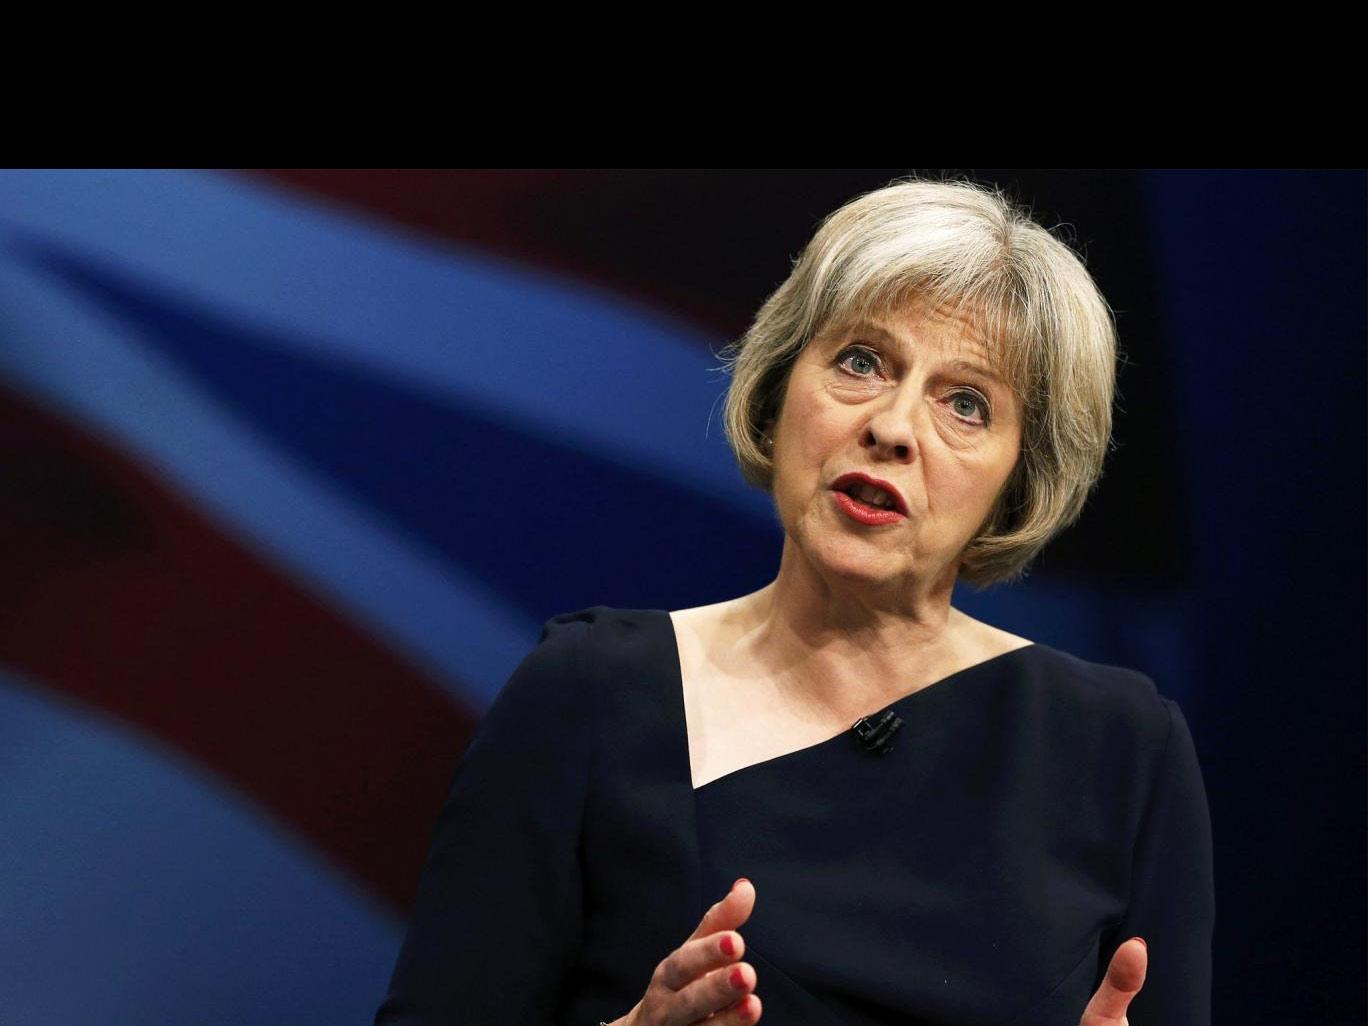 La secretaria de Asuntos interiores británica se mostró contrariada tras el ataque de aficionados rusos a hinchas ingleses